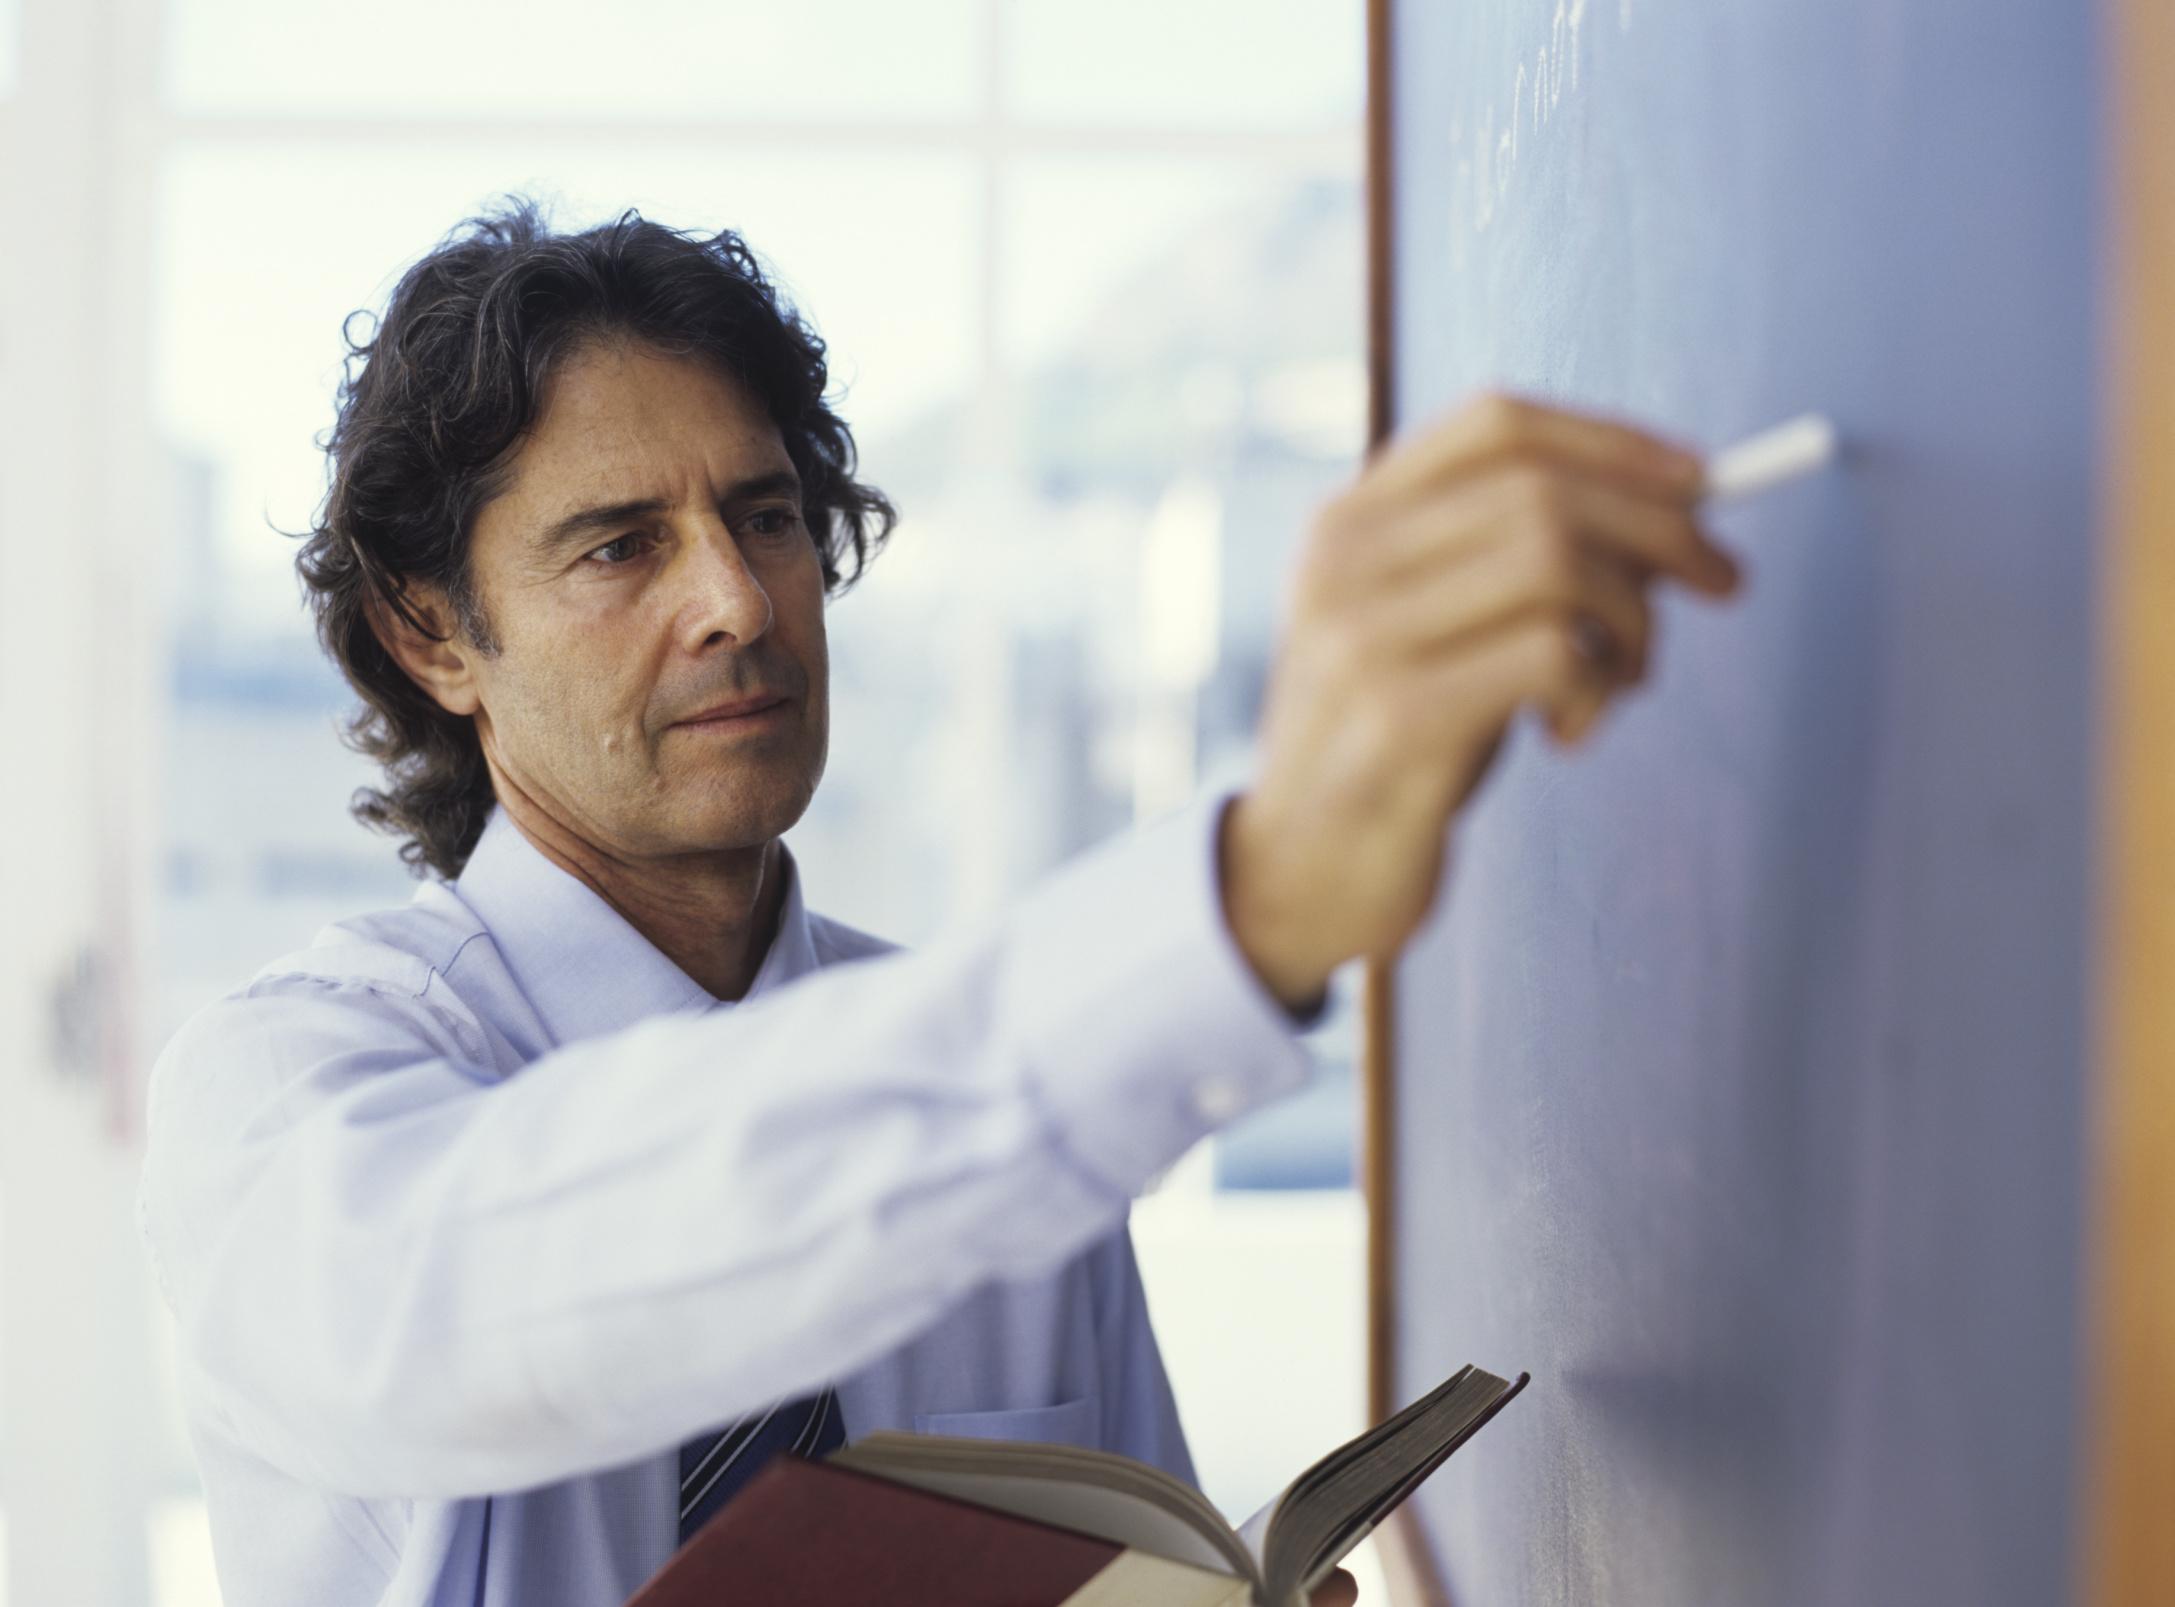 La deuda historica de los profesores va a caducar por si for Concurso para profesores 2016